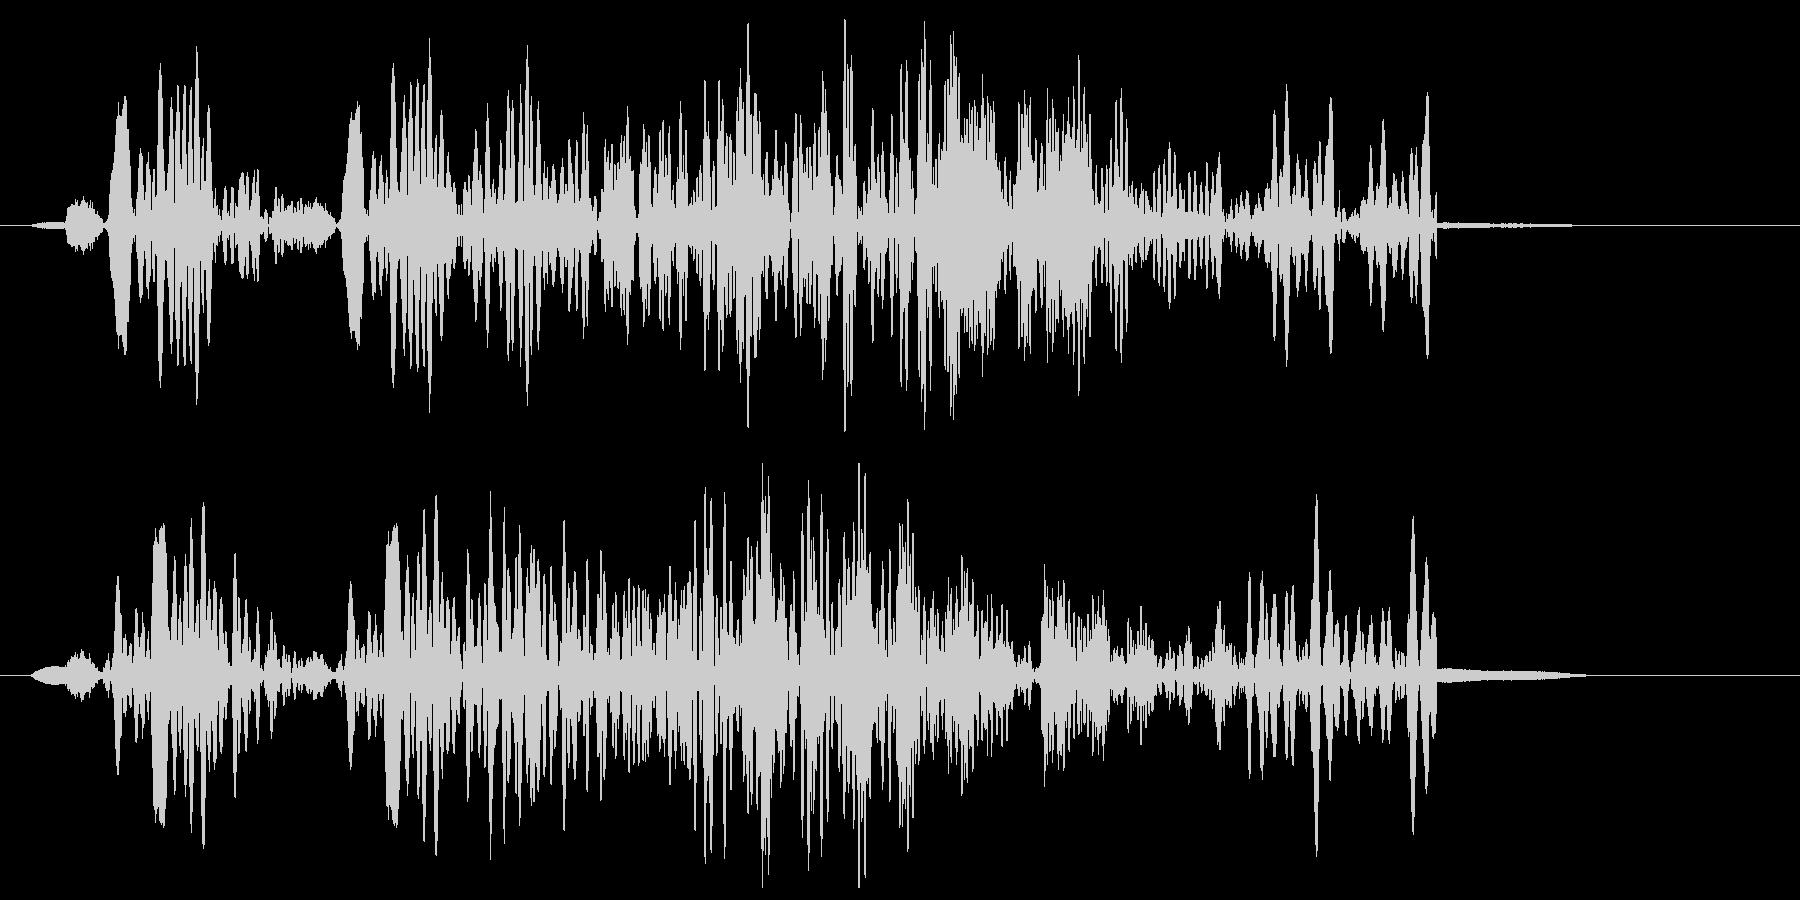 ボボォ〜エ(ゴーンなどの音)の未再生の波形